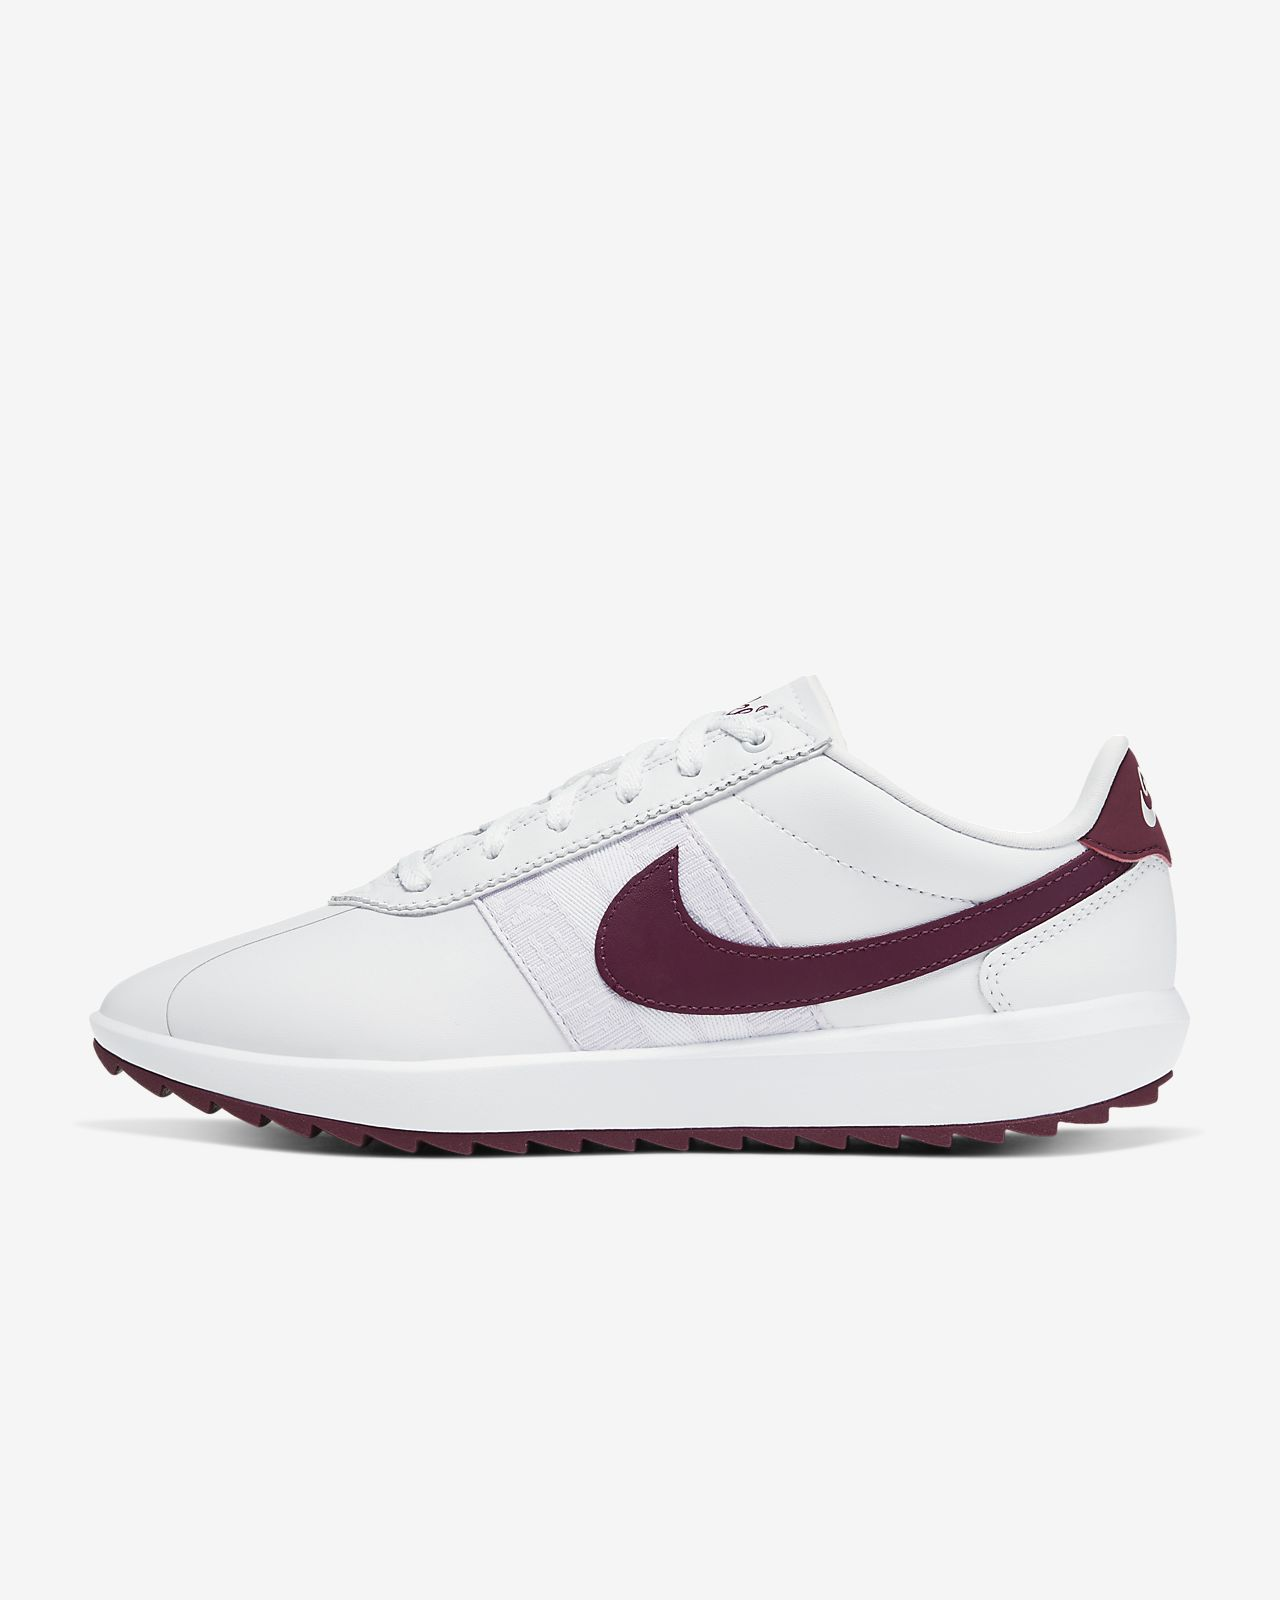 Chaussure de golf Nike Cortez G pour Femme